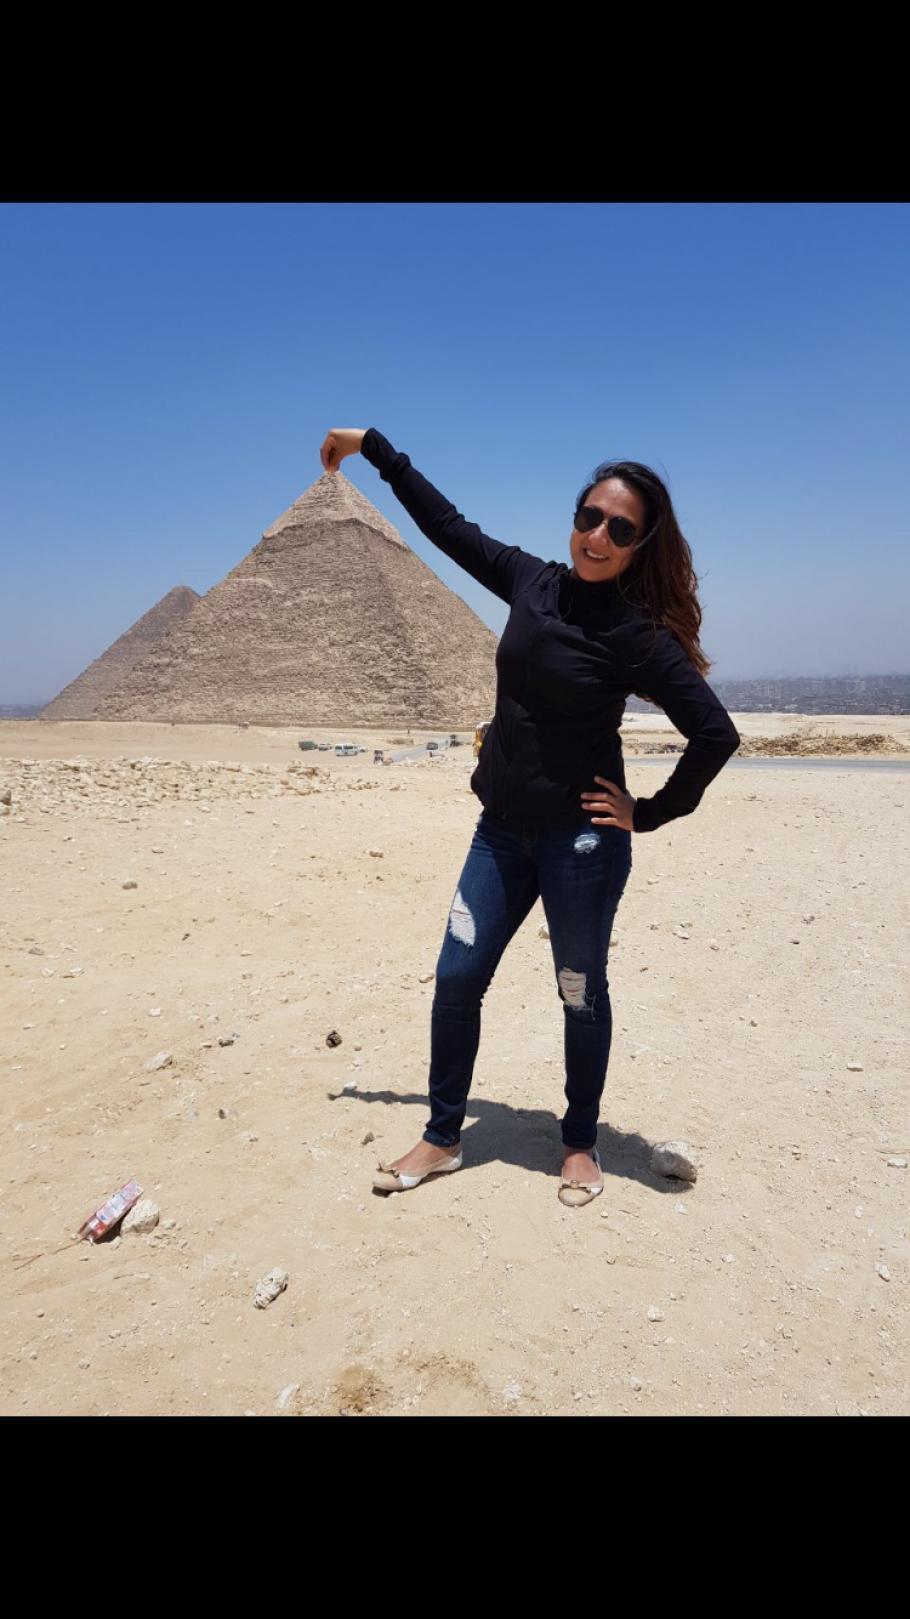 Shaesta Waiz in Egypt during her solo flight around the world.